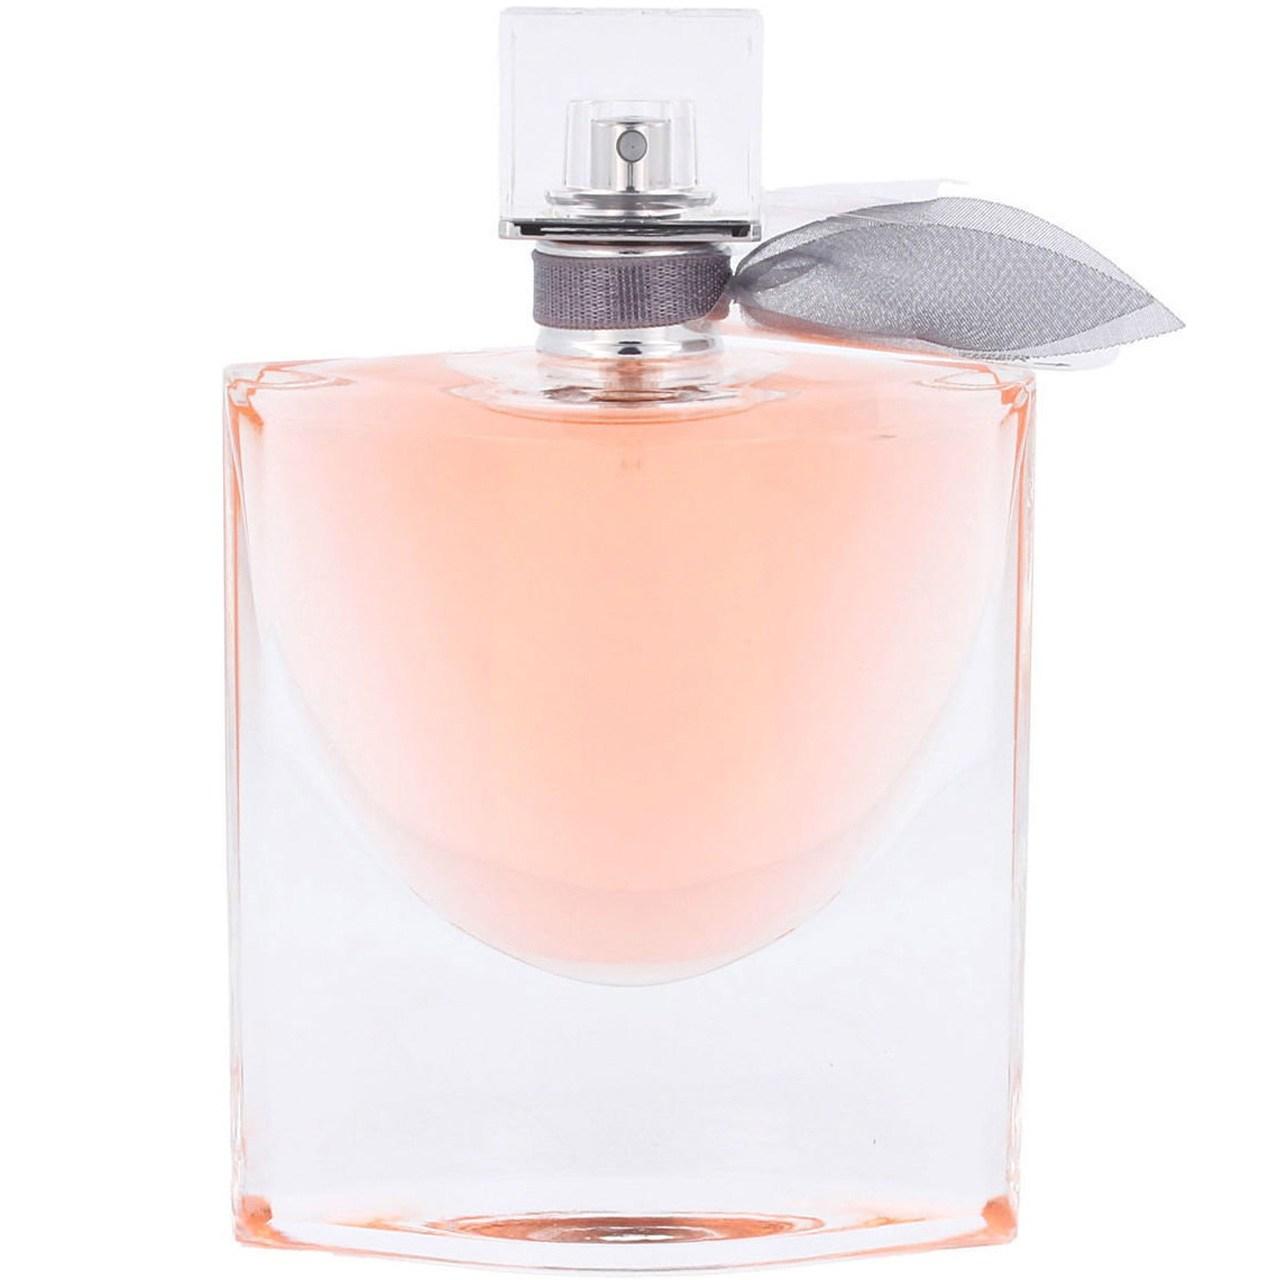 ادو پرفیوم زنانه لانکوم مدل La Vie Est Belle L'Eau de Parfum Intense حجم 75 میلی لیتر